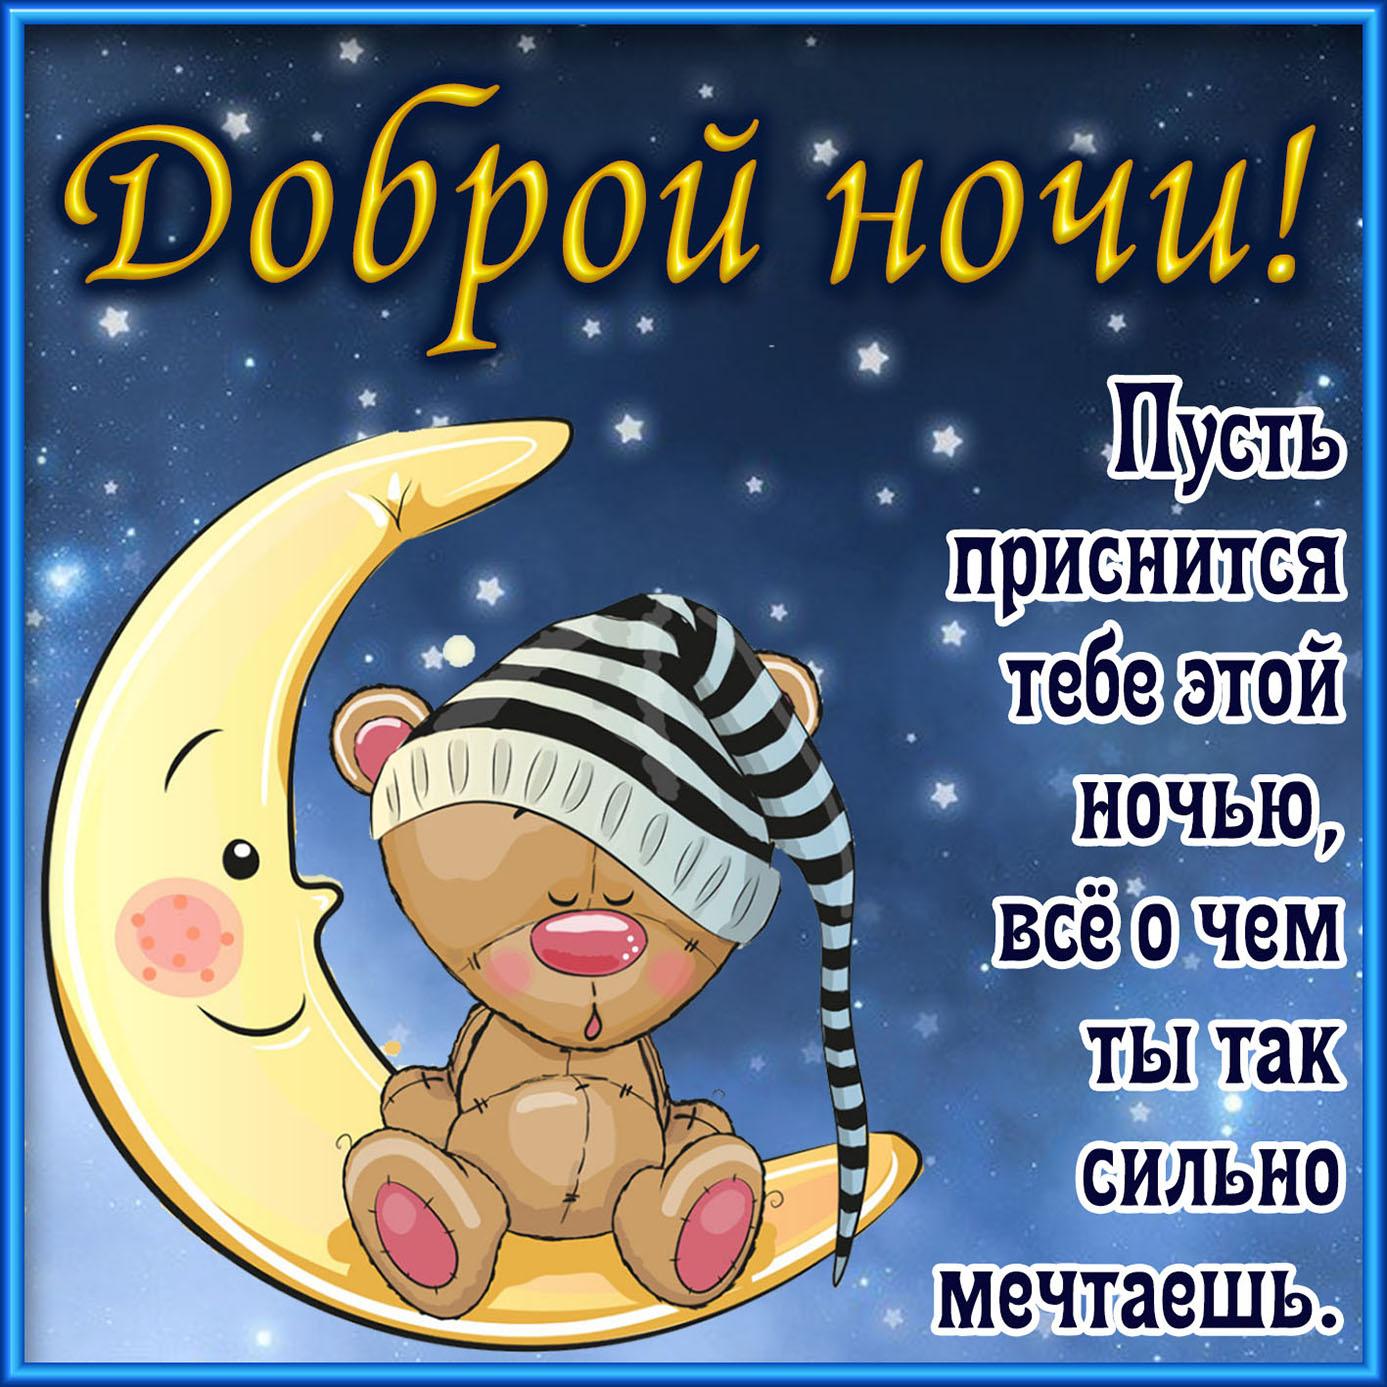 Красивые открытки с пожеланием доброй ночи девушке